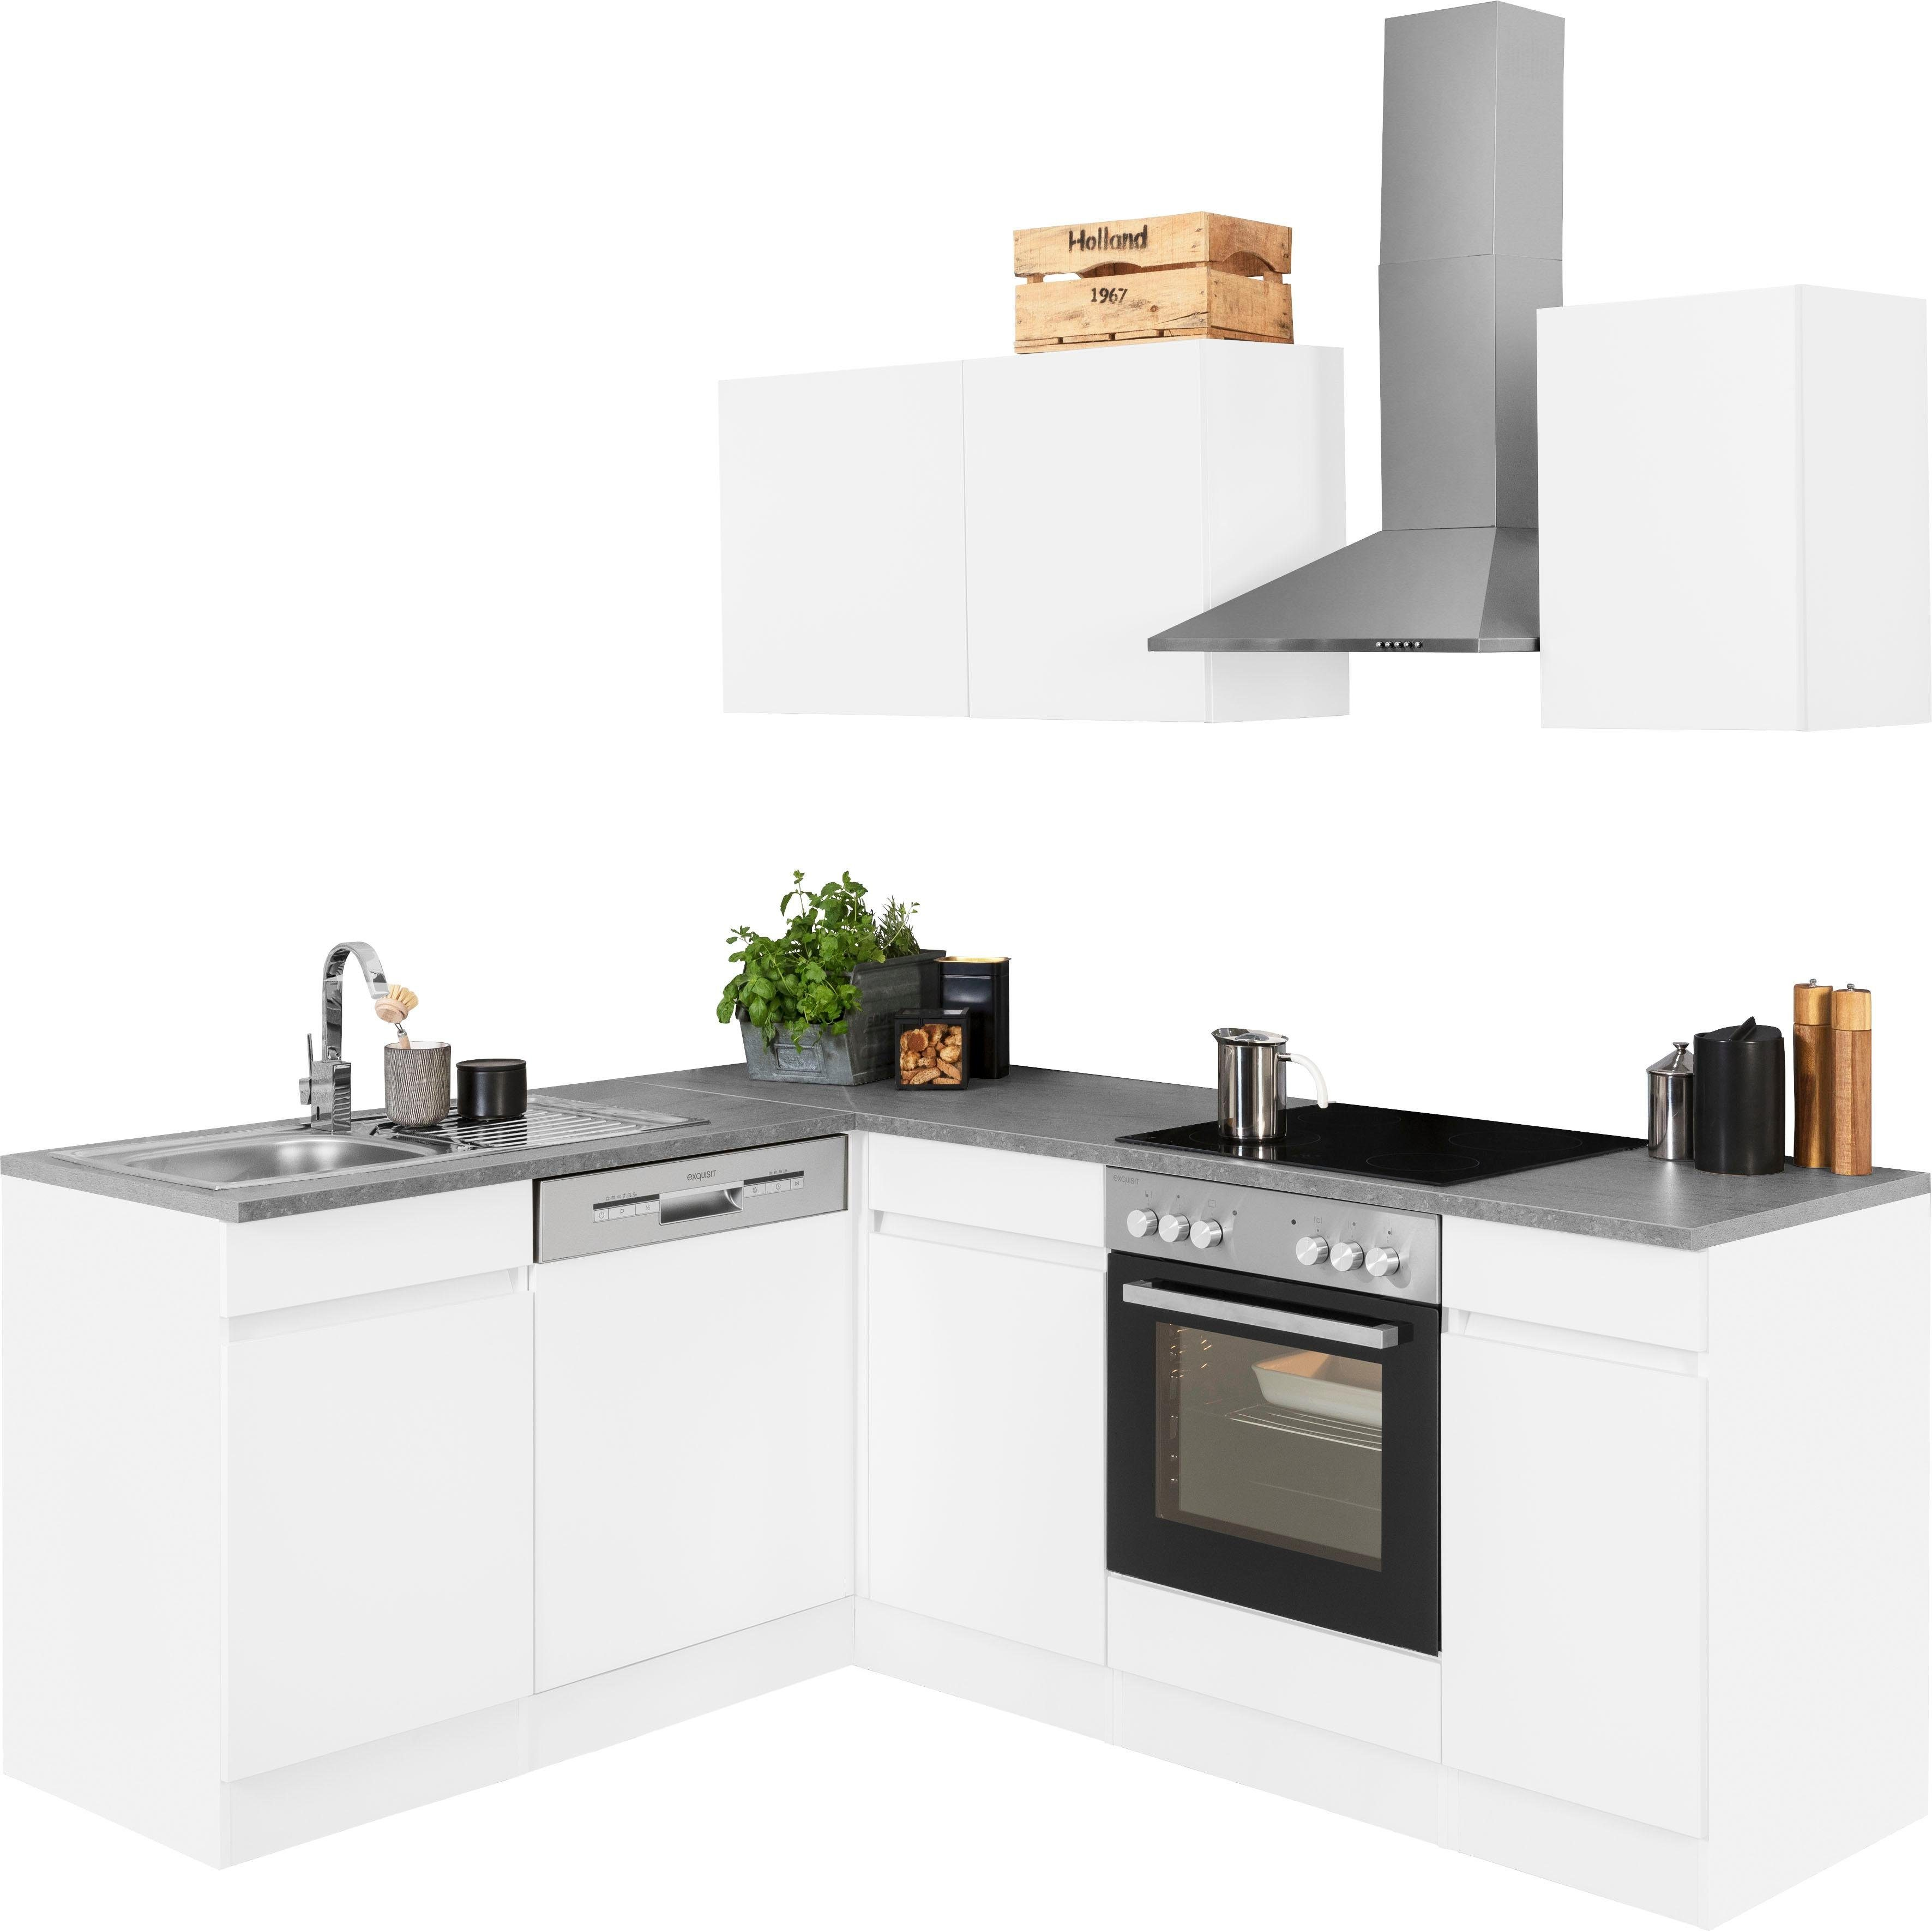 OPTIFIT Winkelküche Roth mit E-Geräten Stellbreite 210 x 175 cm